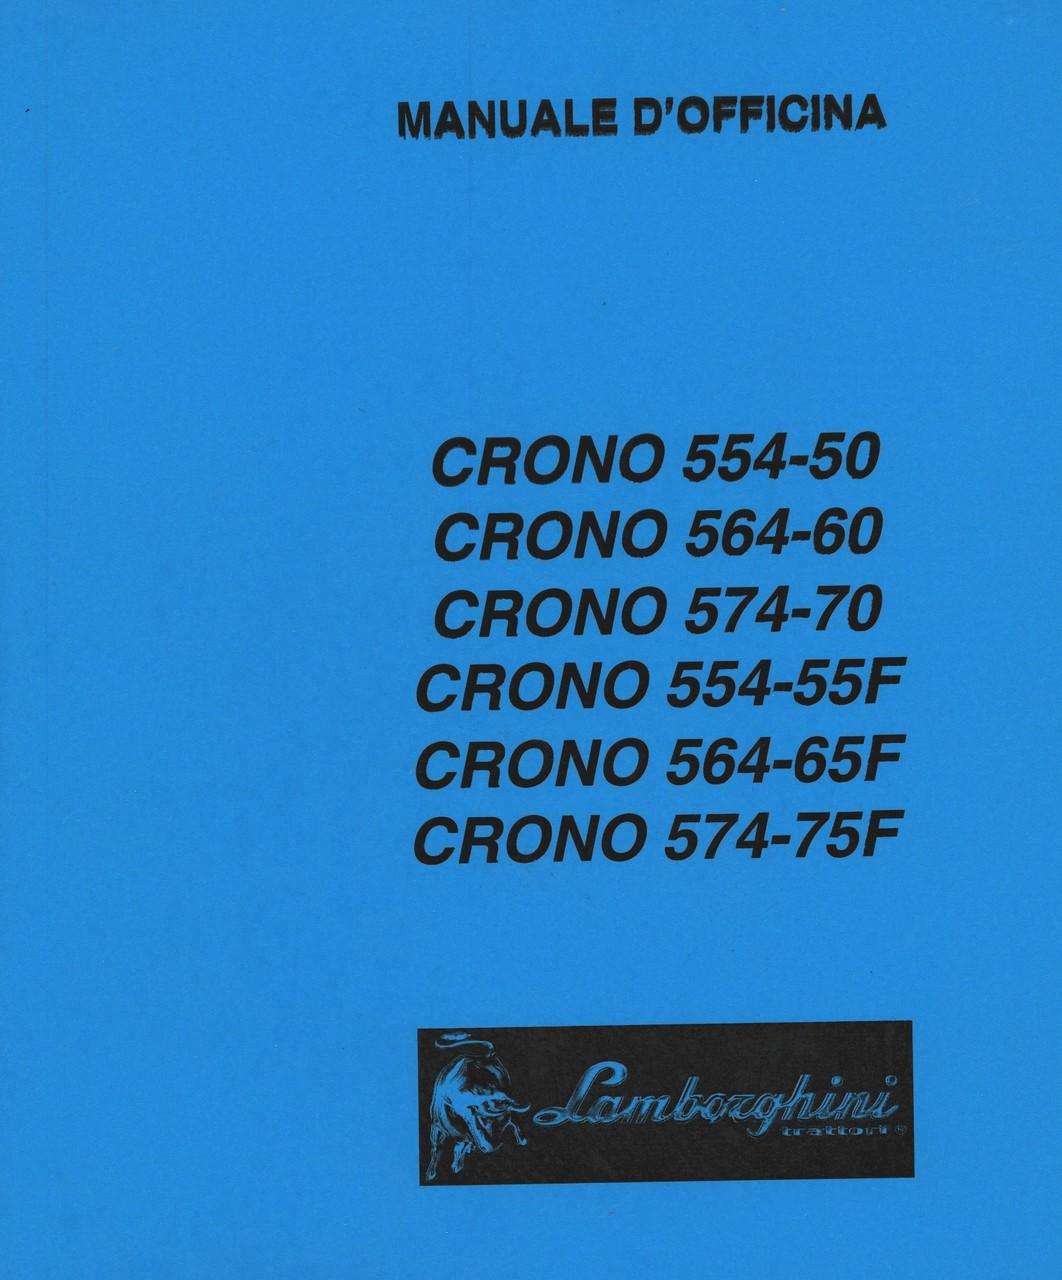 CRONO 554-50 - CRONO 564-60 - CRONO 574-70 - CRONO 554-55 F - CRONO 564-65 F - CRONO 574-75 F - Manuale d'officina